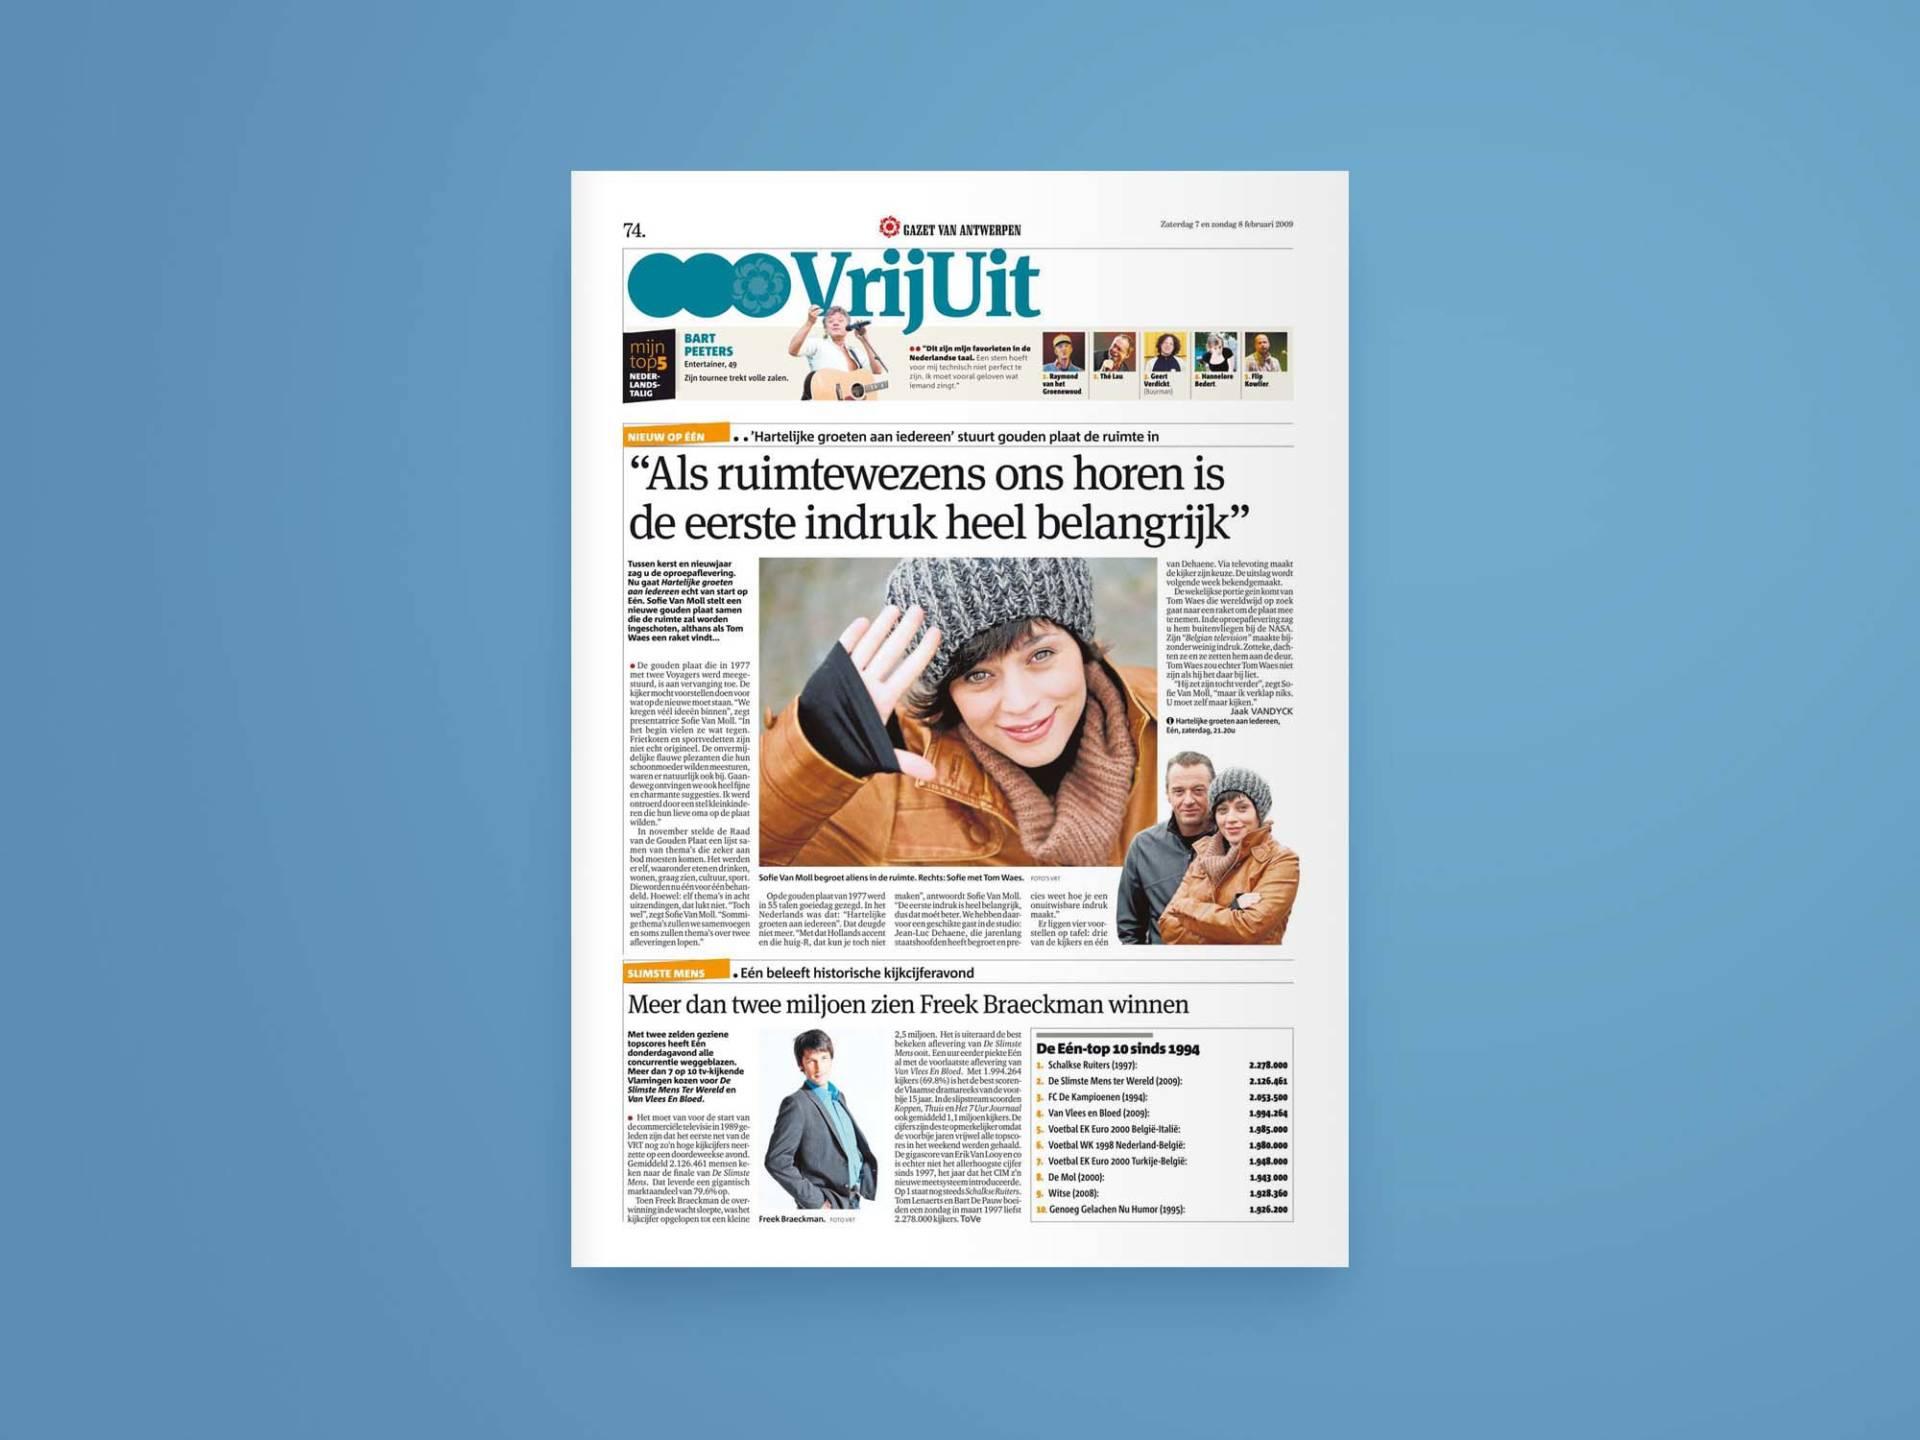 Gazet_Van_Antwerpen_06_Wenceslau_News_Design